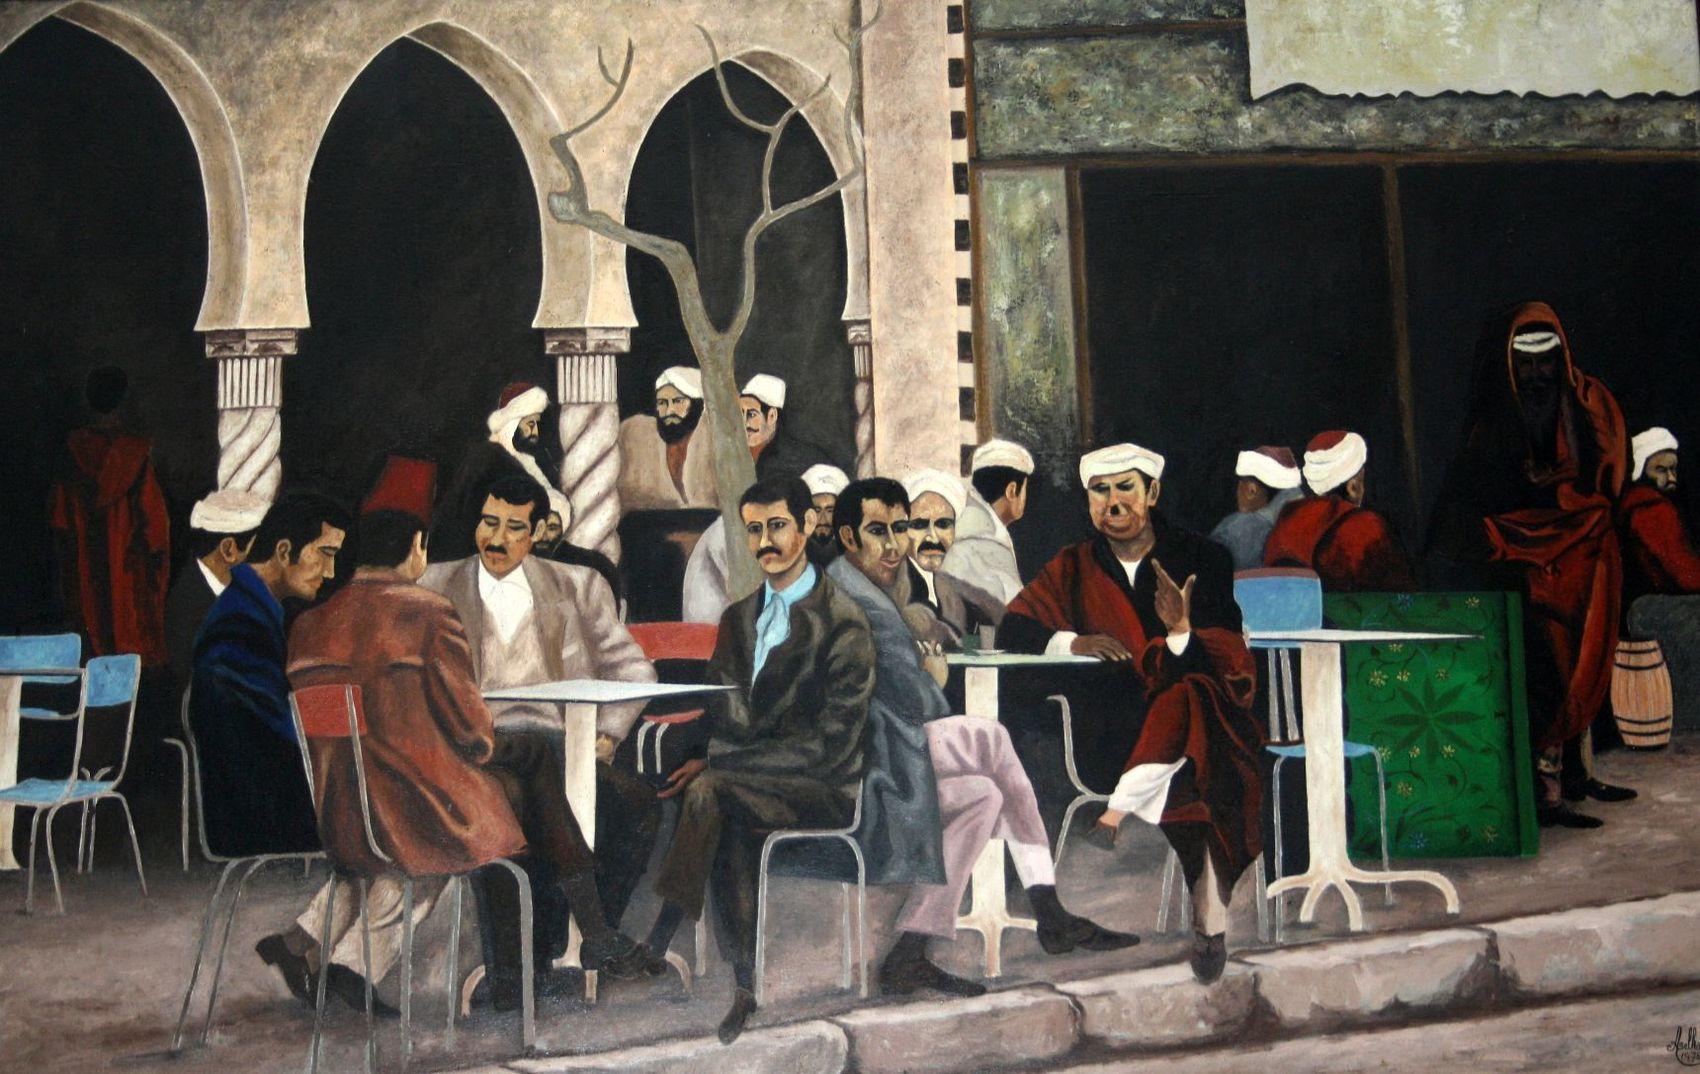 Le café Maure -1974